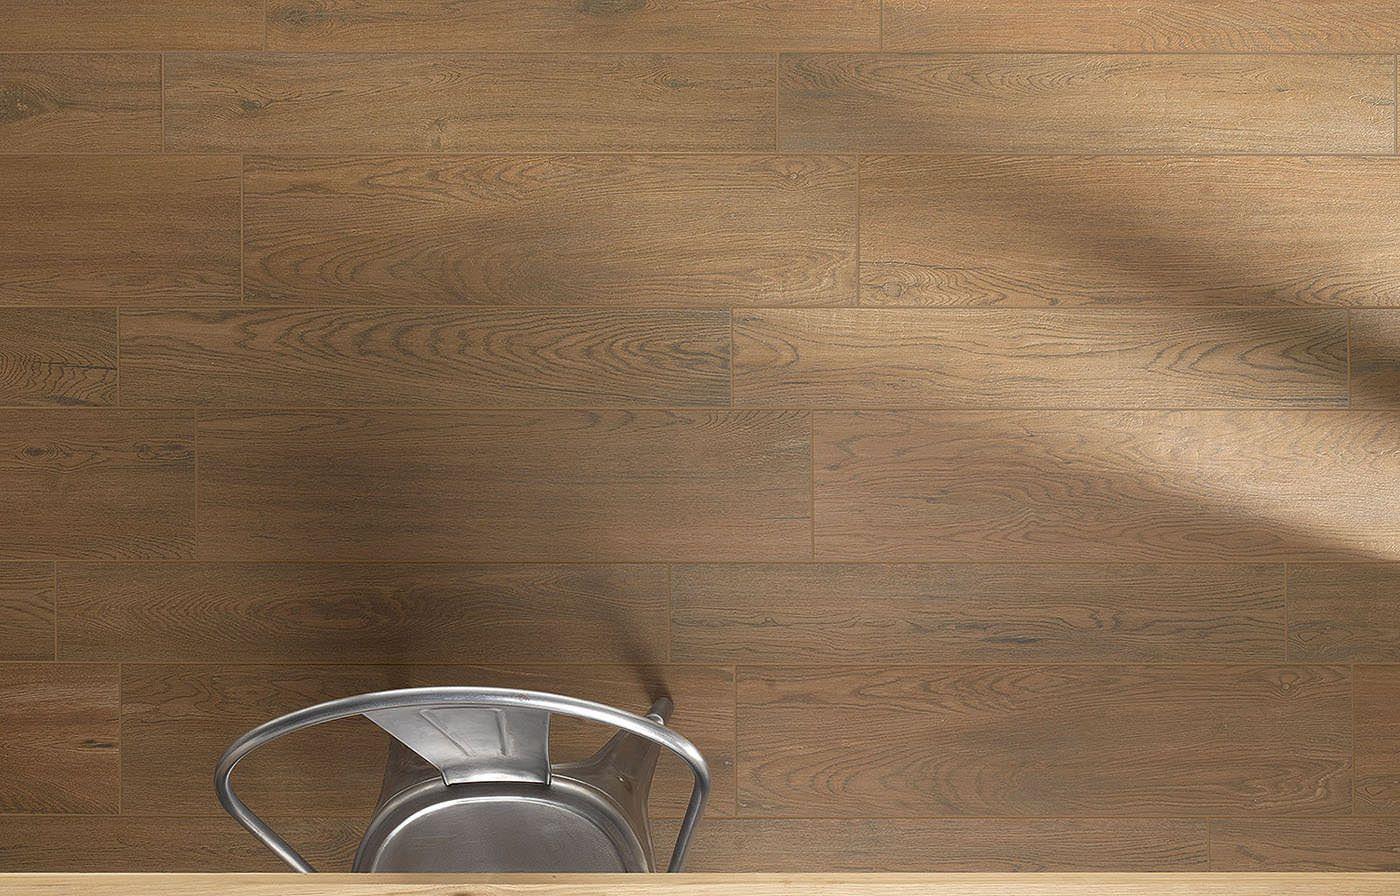 Flaviker #urban wood antico kalibriert 13 5x80 cm uw1844r